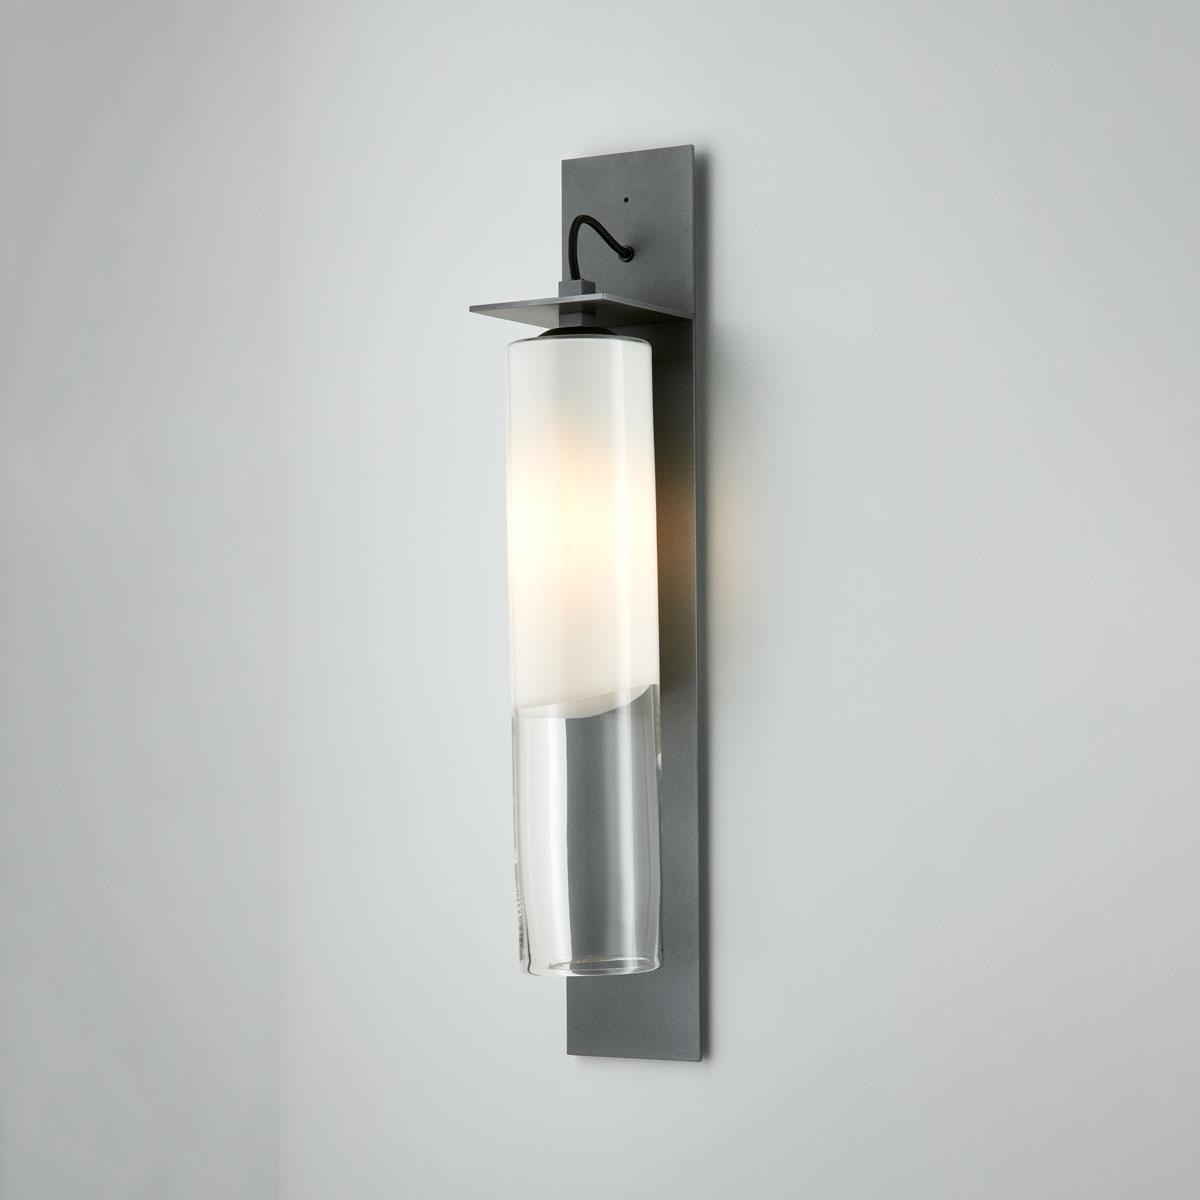 Articolo lighting eclipse wall sconce tall white clear articolo black black flex on